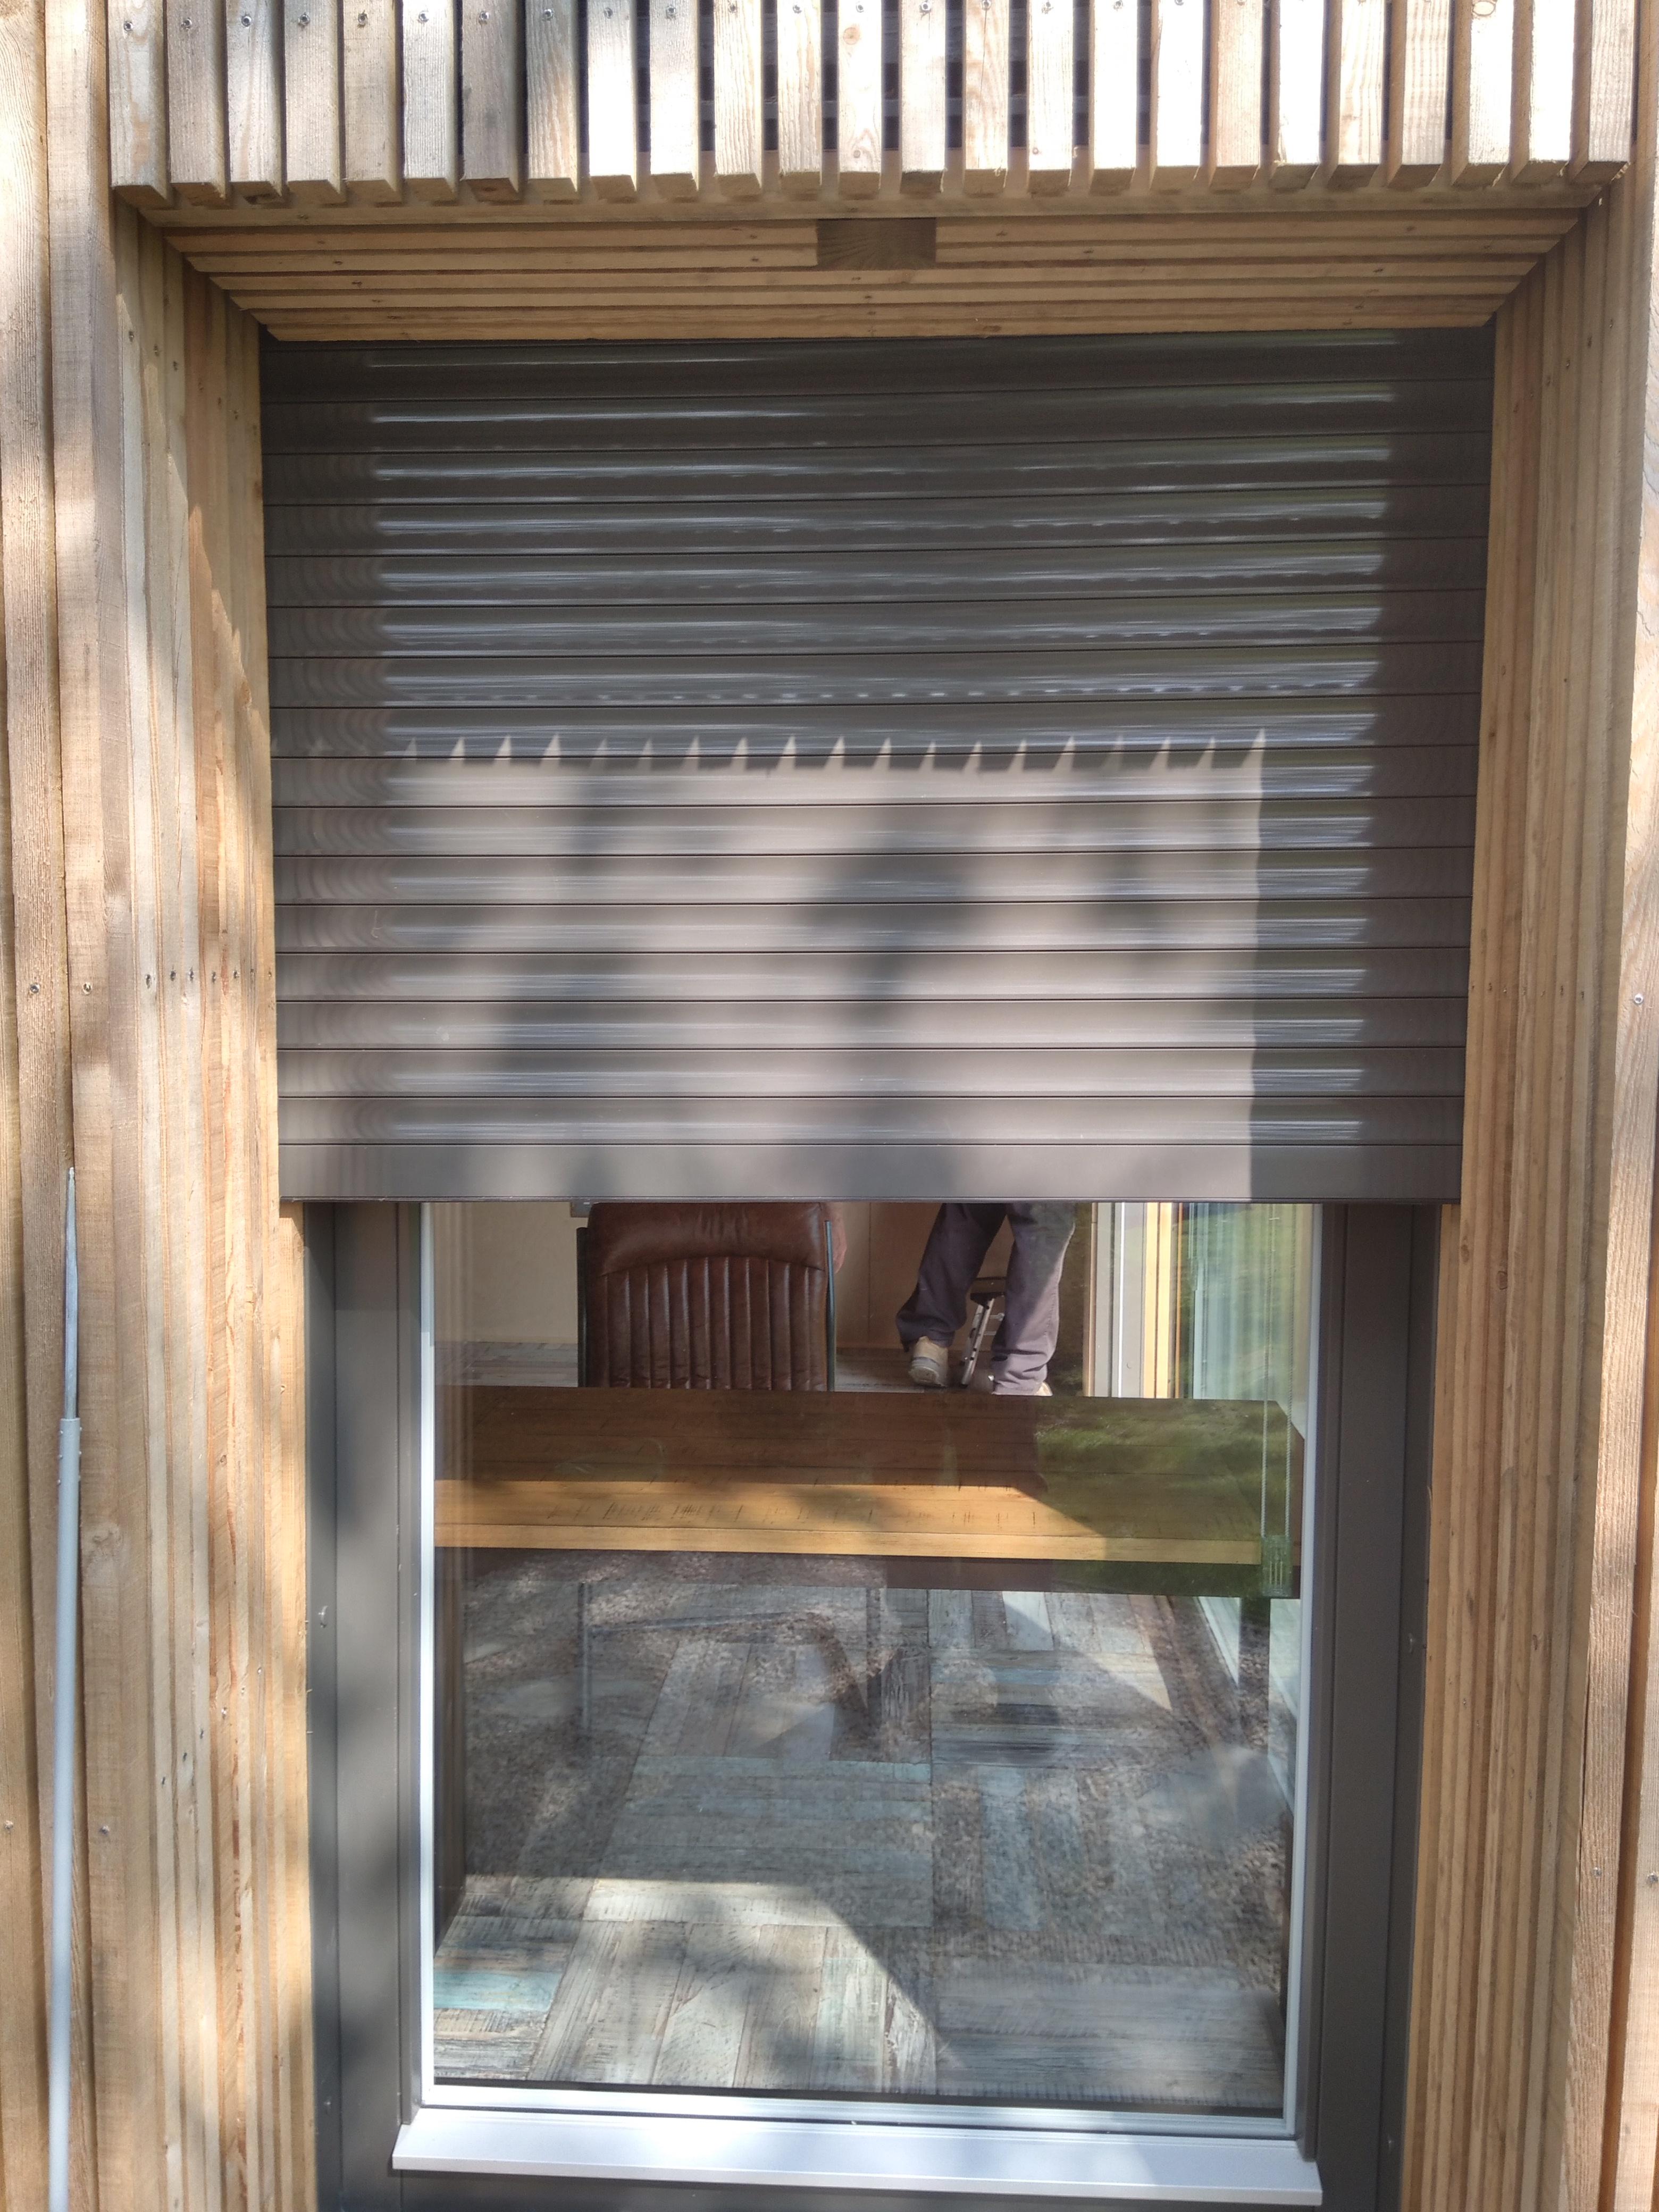 Roller shutter custom designed for an eco-friendy building